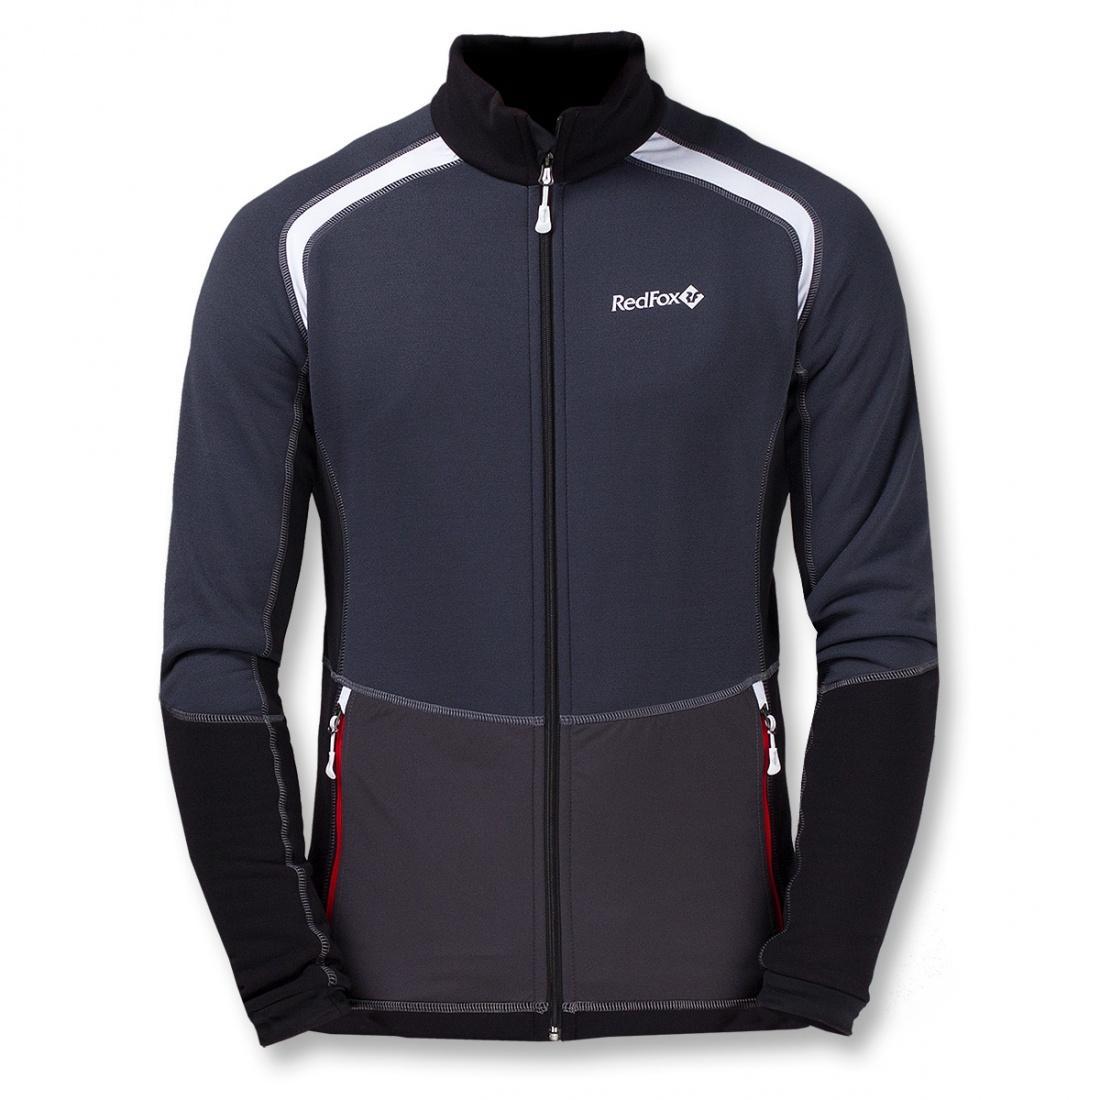 Куртка St.Line МужскаяКуртки<br><br><br>Цвет: Темно-серый<br>Размер: 56